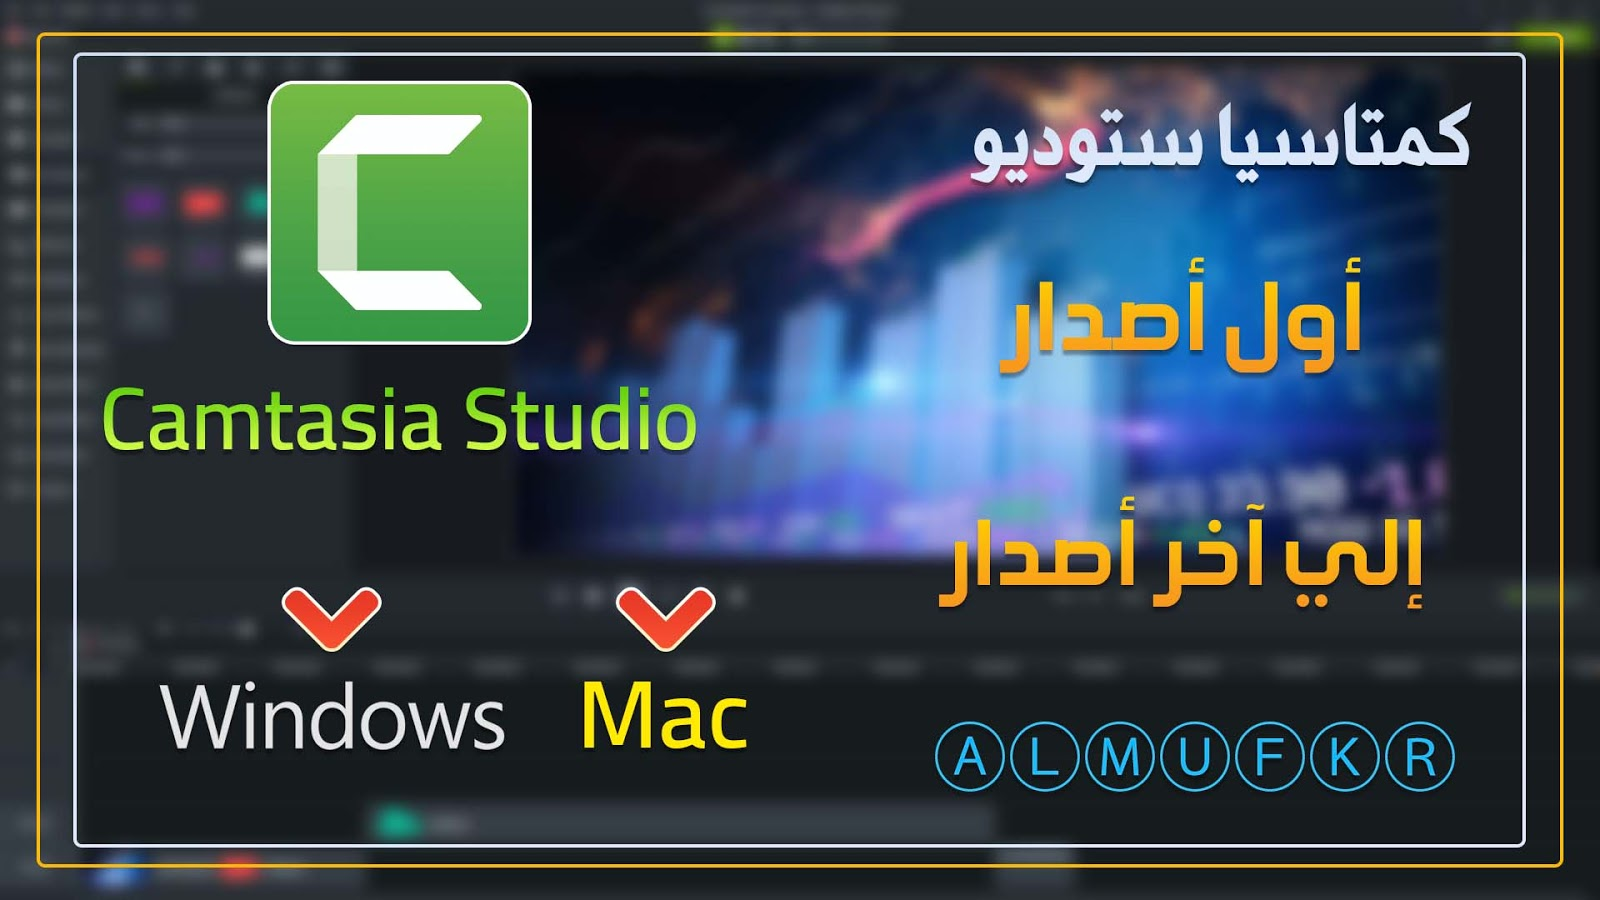 تحميل وتثبيت كل إصدارات كمتاسيا استوديو مسجل الشاشة ومحرر الفيديو